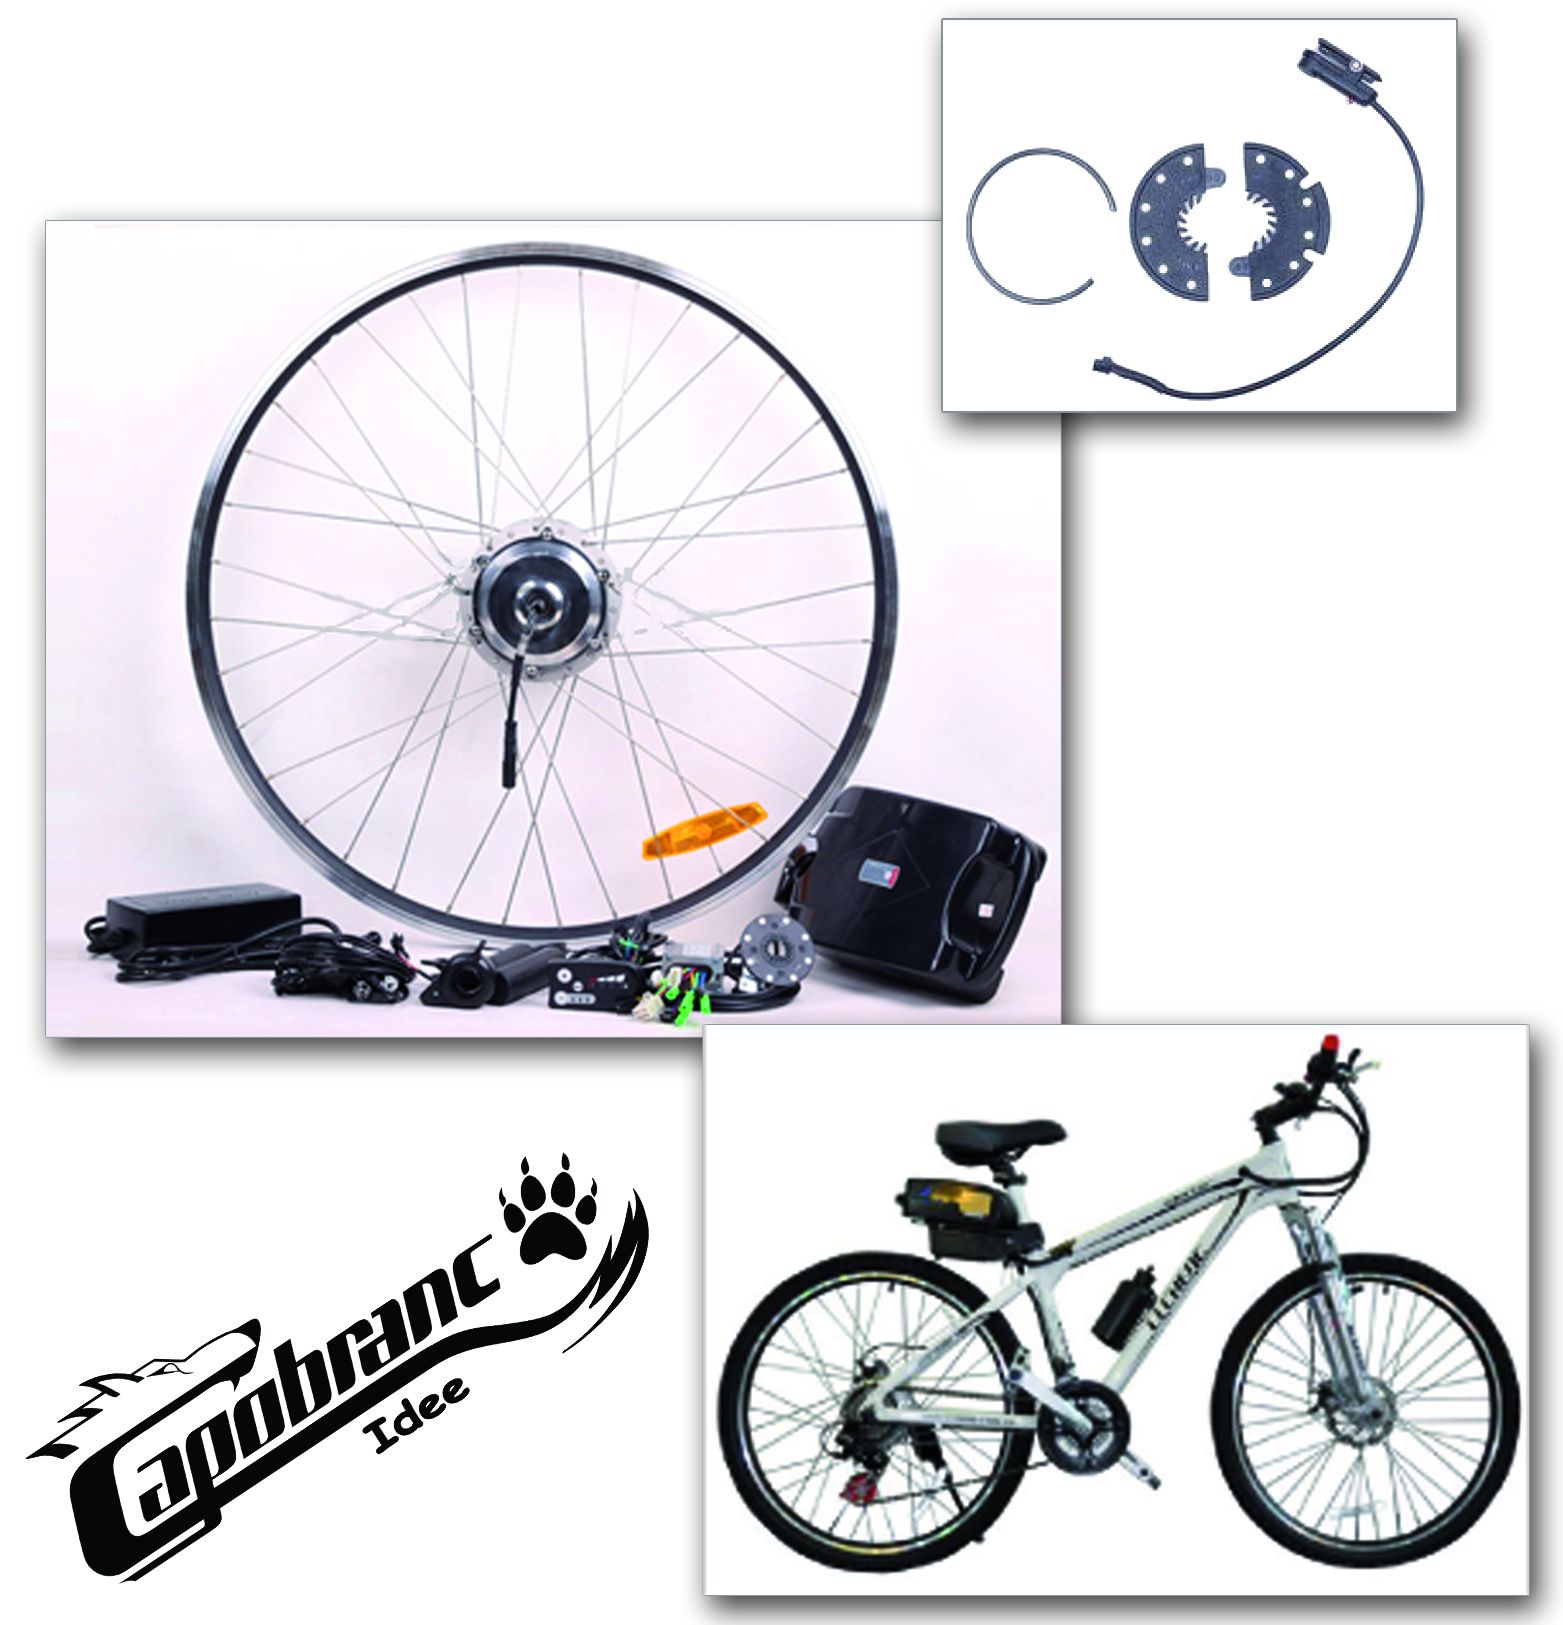 Kit bici elettrica 250w 36v con batteria litio sottosella